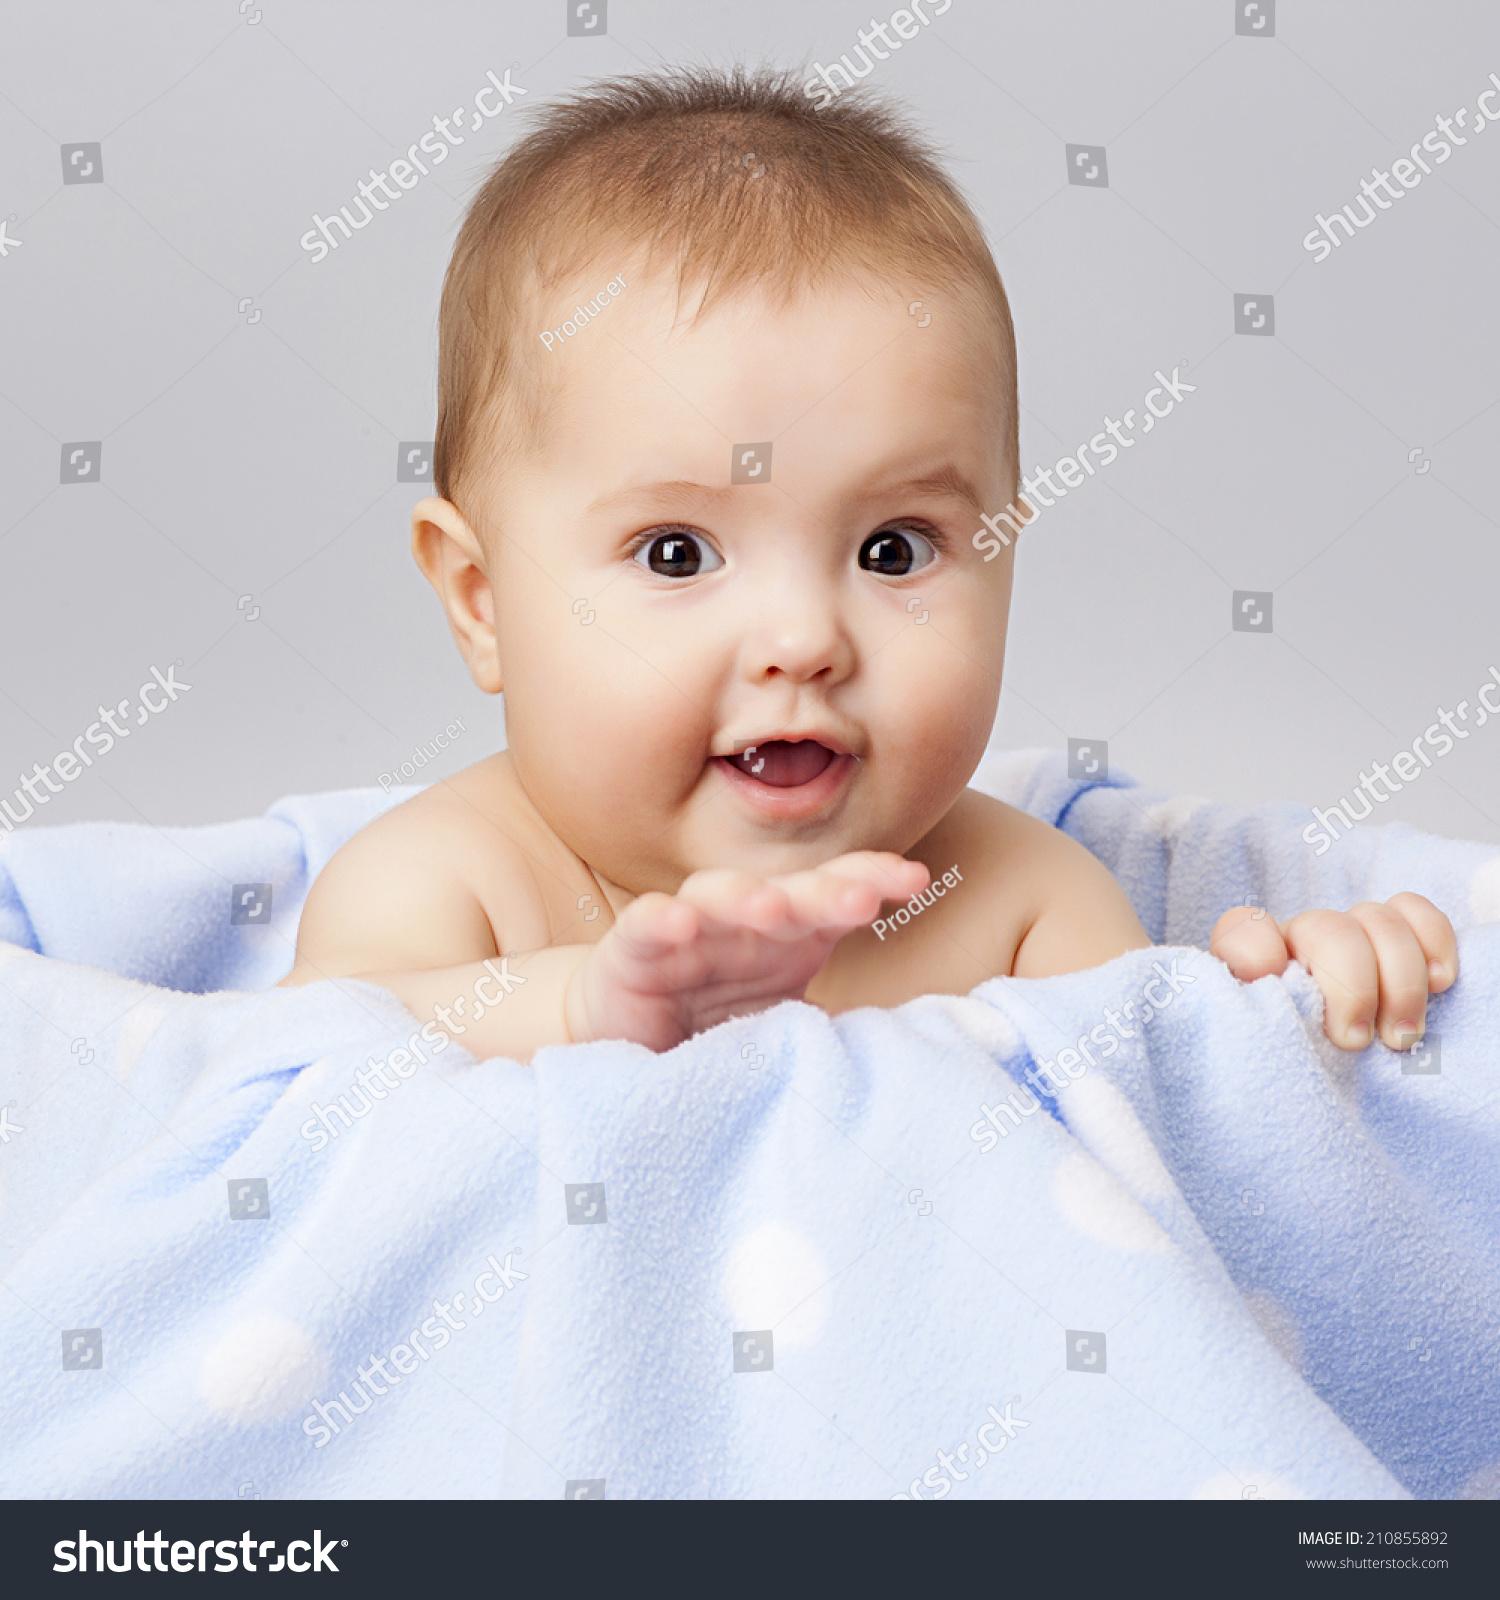 小可爱的婴儿躺在篮子里-人物